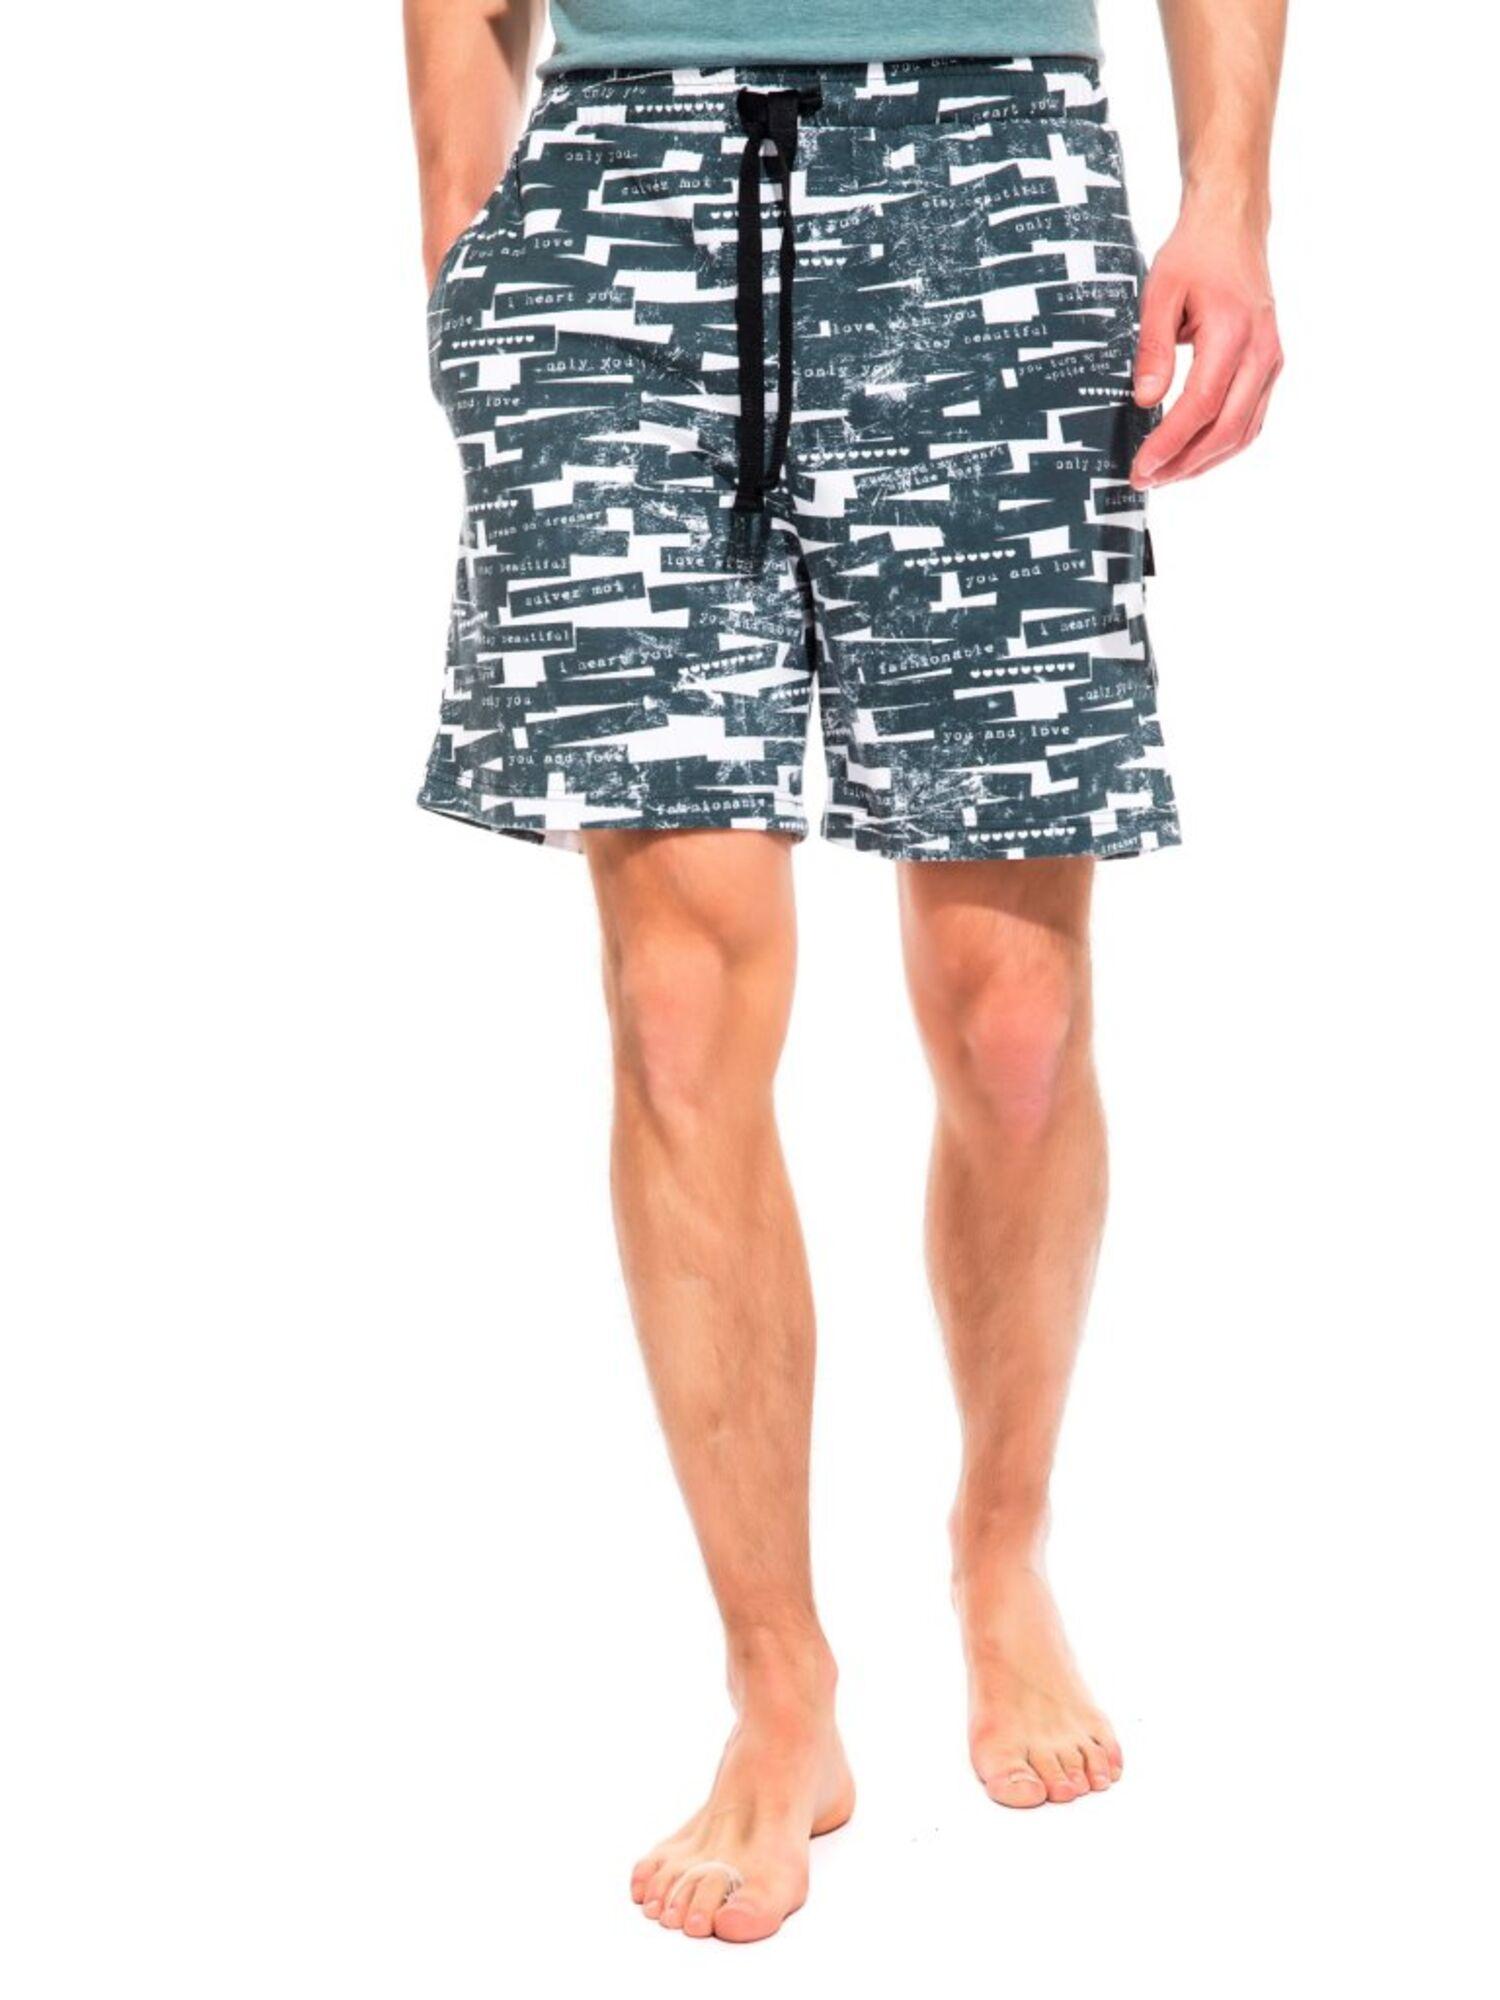 Легкие трикотажные шорты Bandes 41 серый